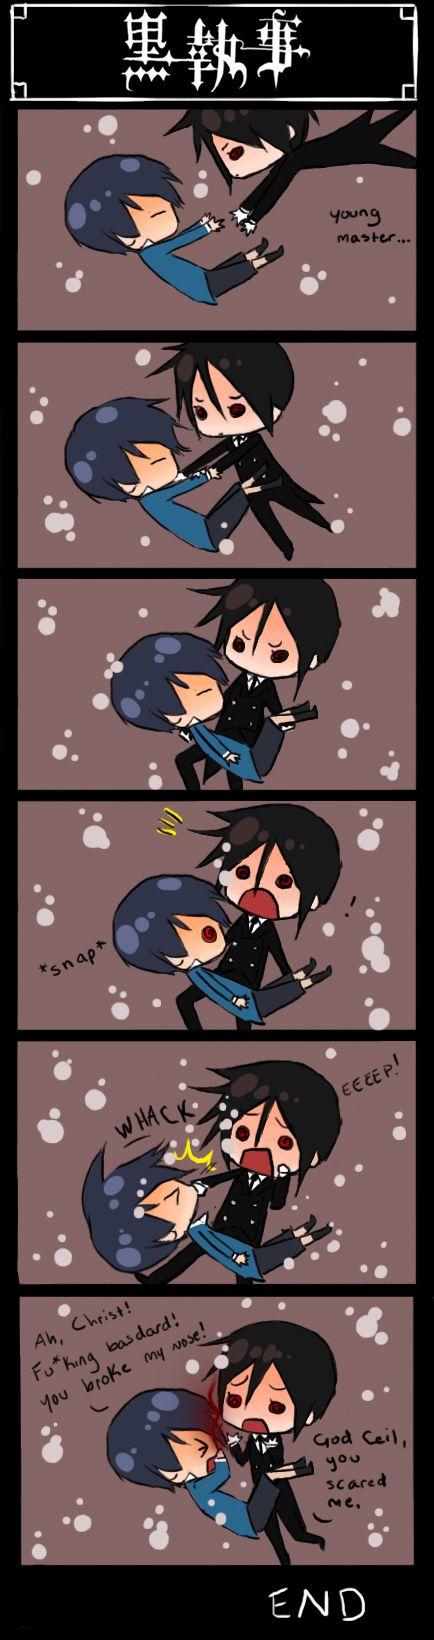 pinterest || ☽ @kellylovesosa ☾last 5 min of Kuroshitsuji II, episode 12 (fan comic by MeexArt)